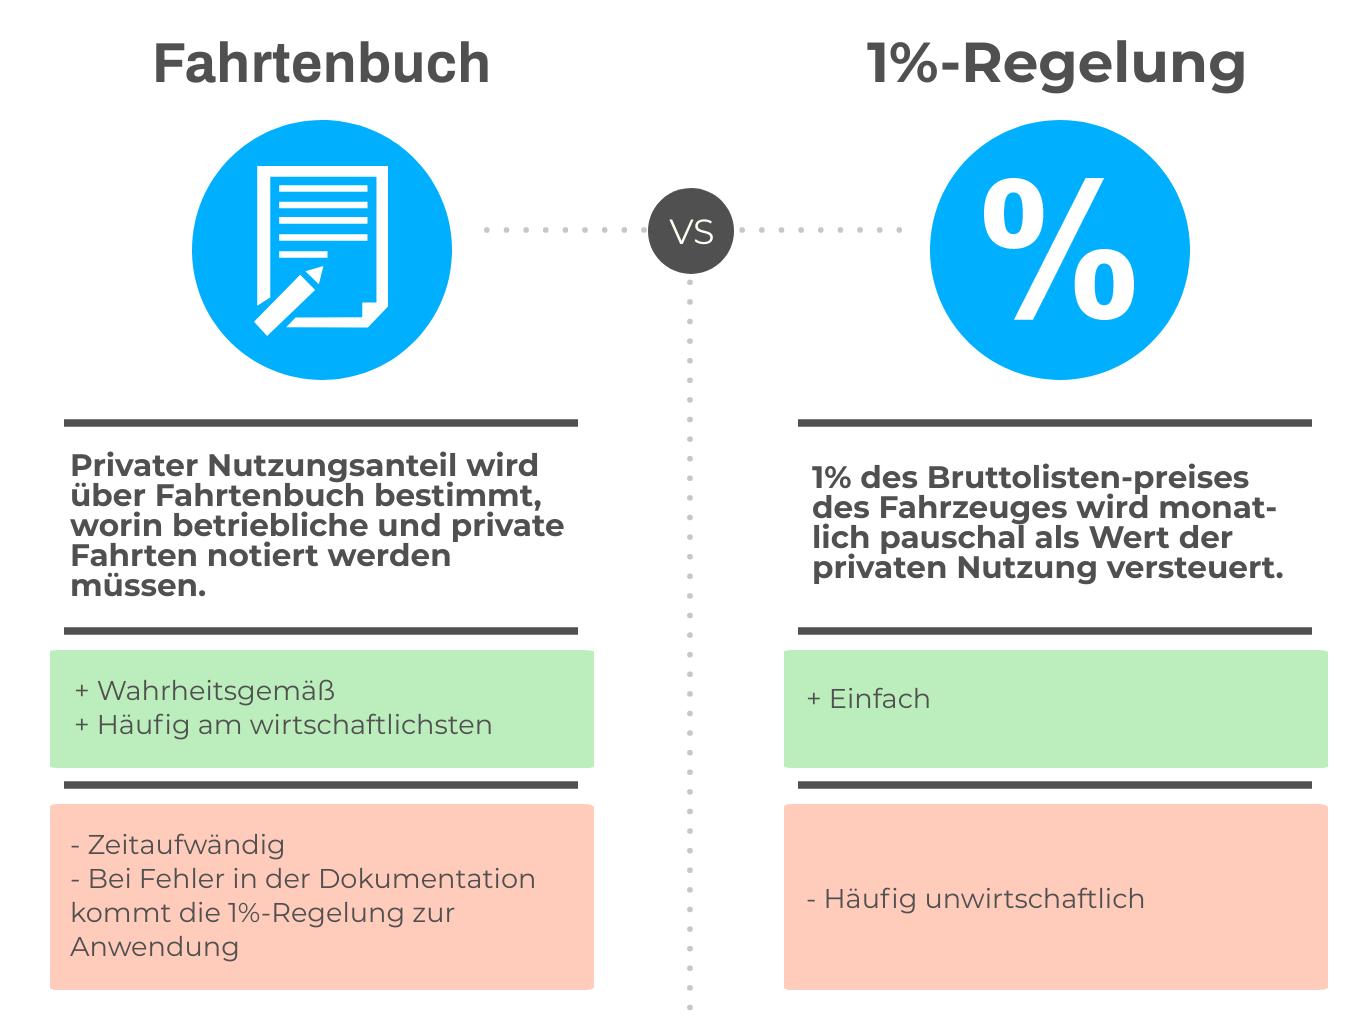 Vergleich zwischen Fahrtenbüchern als Nachweis und der 1-Prozent-Regelung